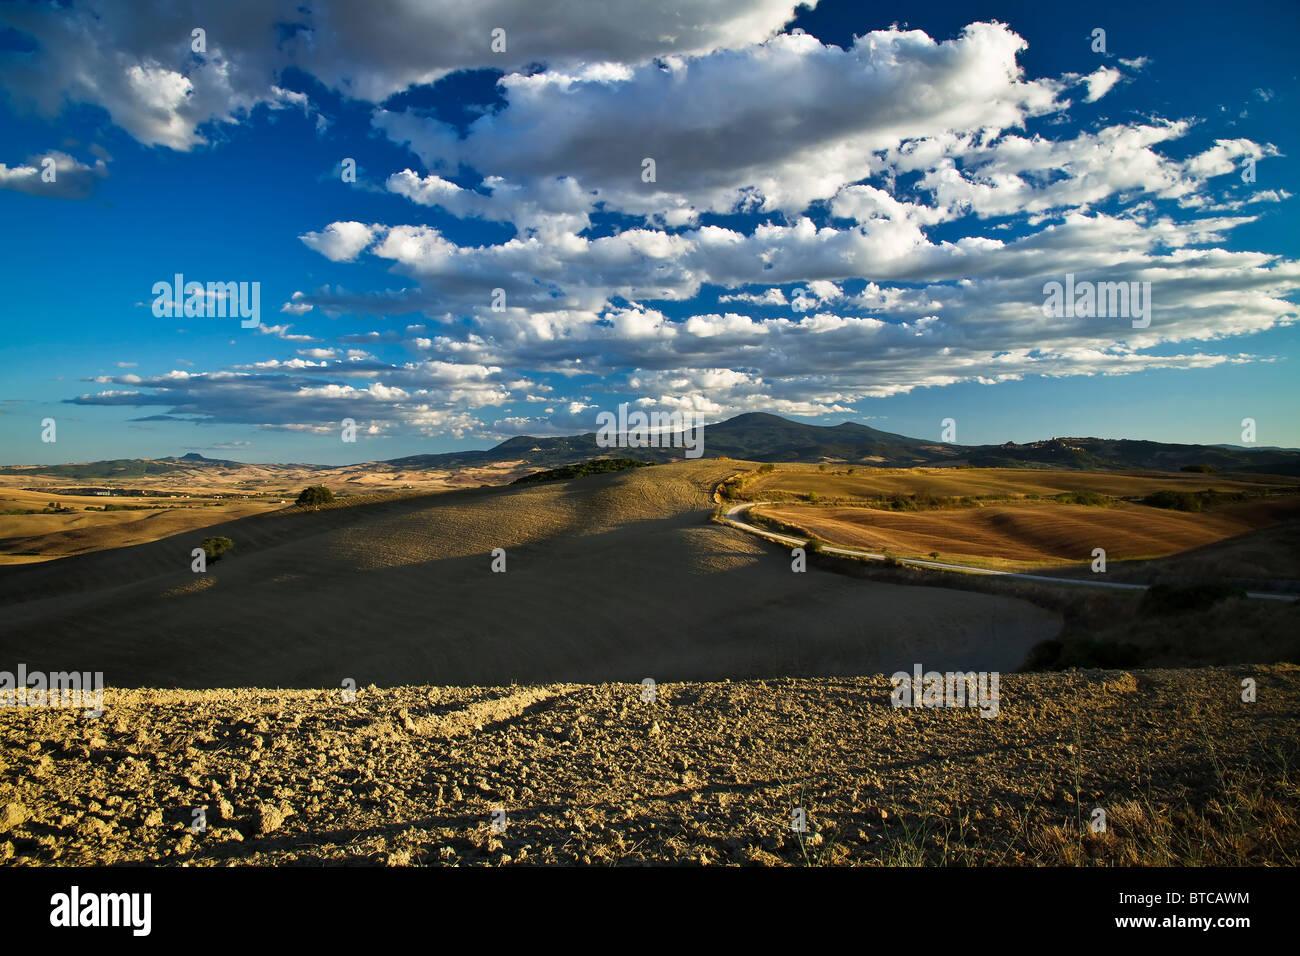 En regardant vers le Mont Amiata sur collines en vertu de fin d'après-midi avec des formations nuageuses Photo Stock